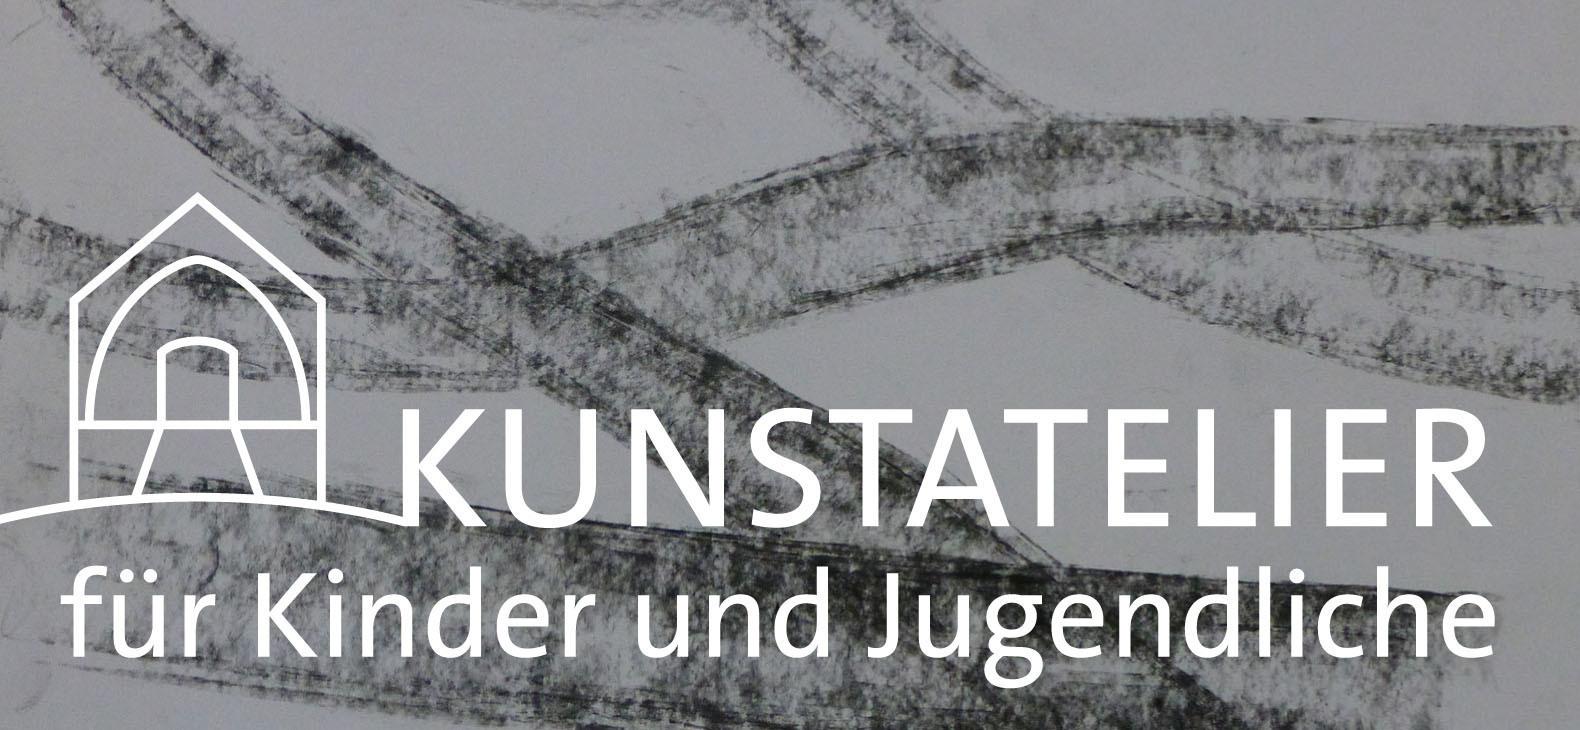 Schafhof Kunstatelier: Zeichnen